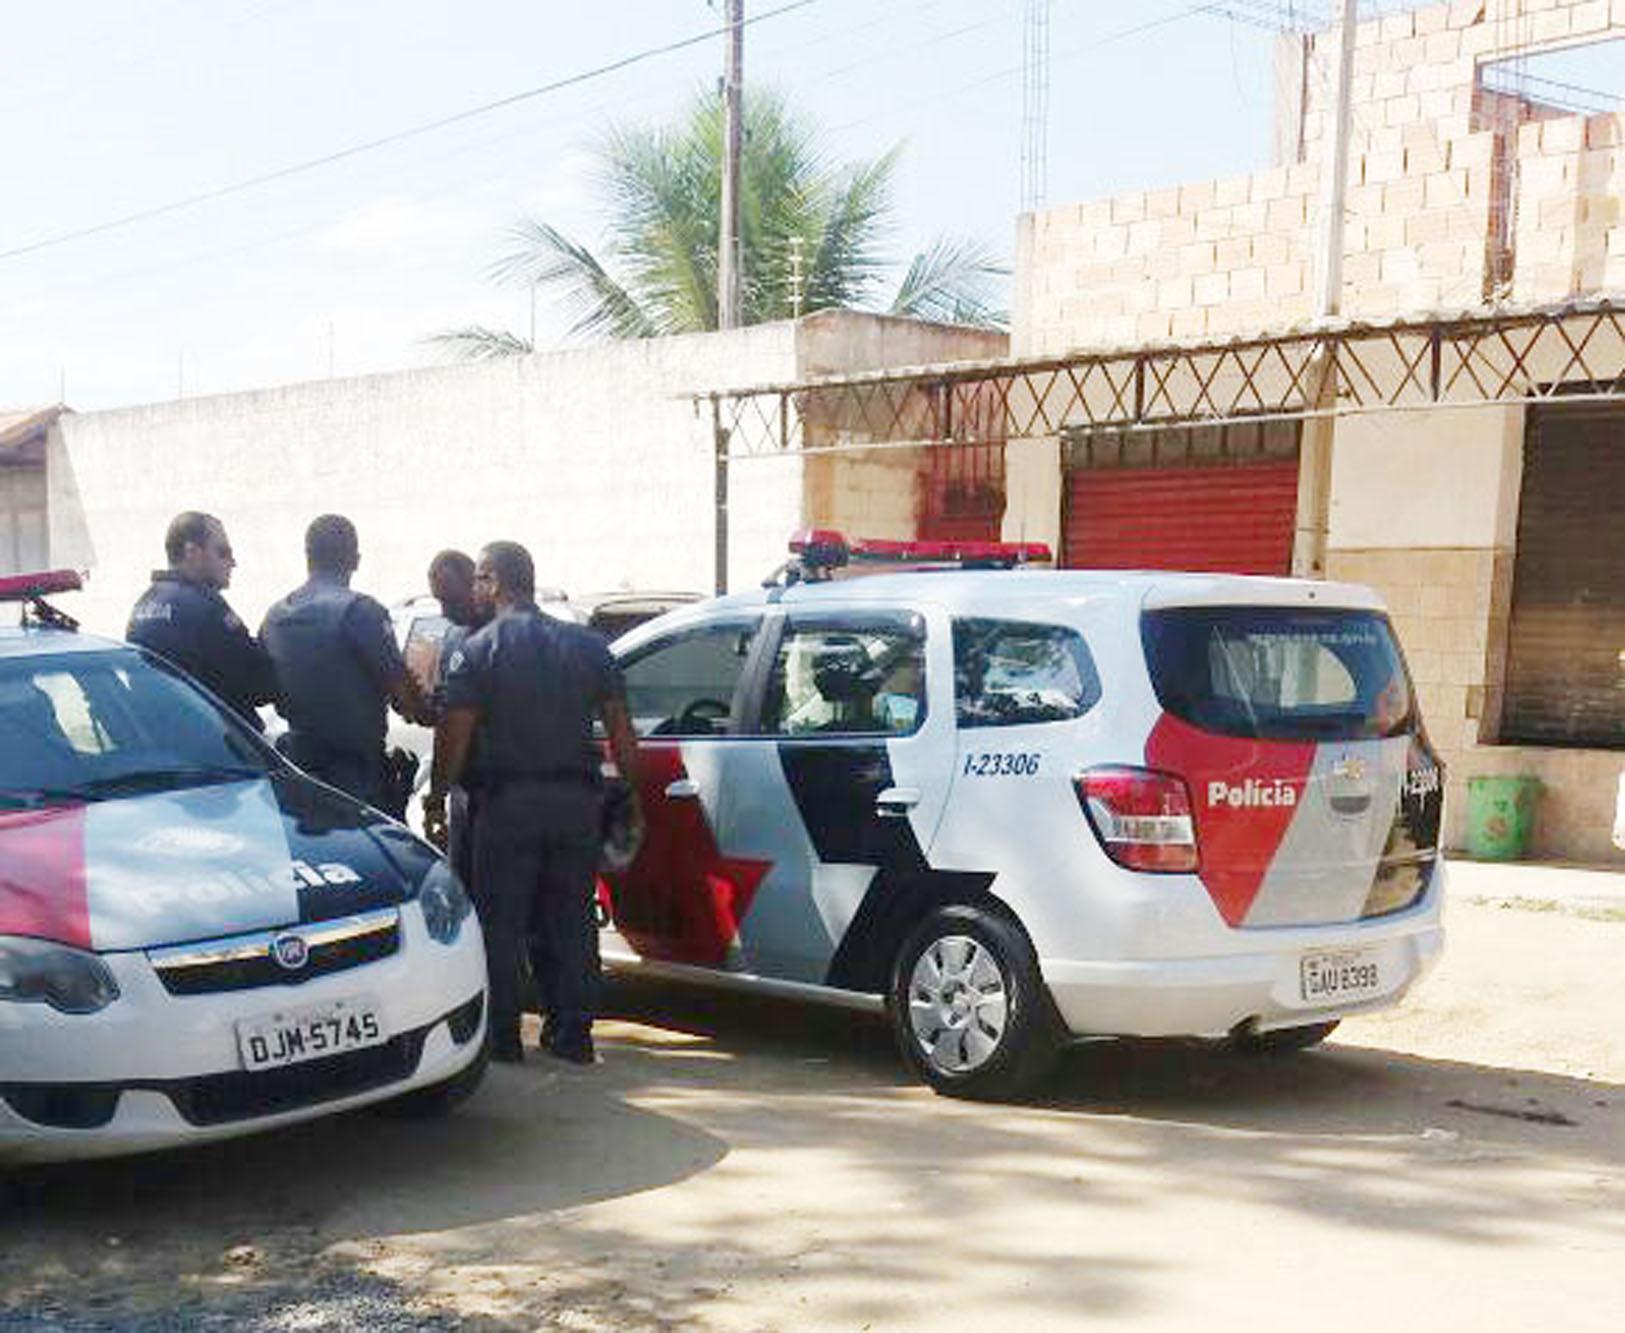 Viaturas da PM no local da ocorrência em que policial de folga foi atingido; ferimento não impediu ação (Foto: Divulgação)